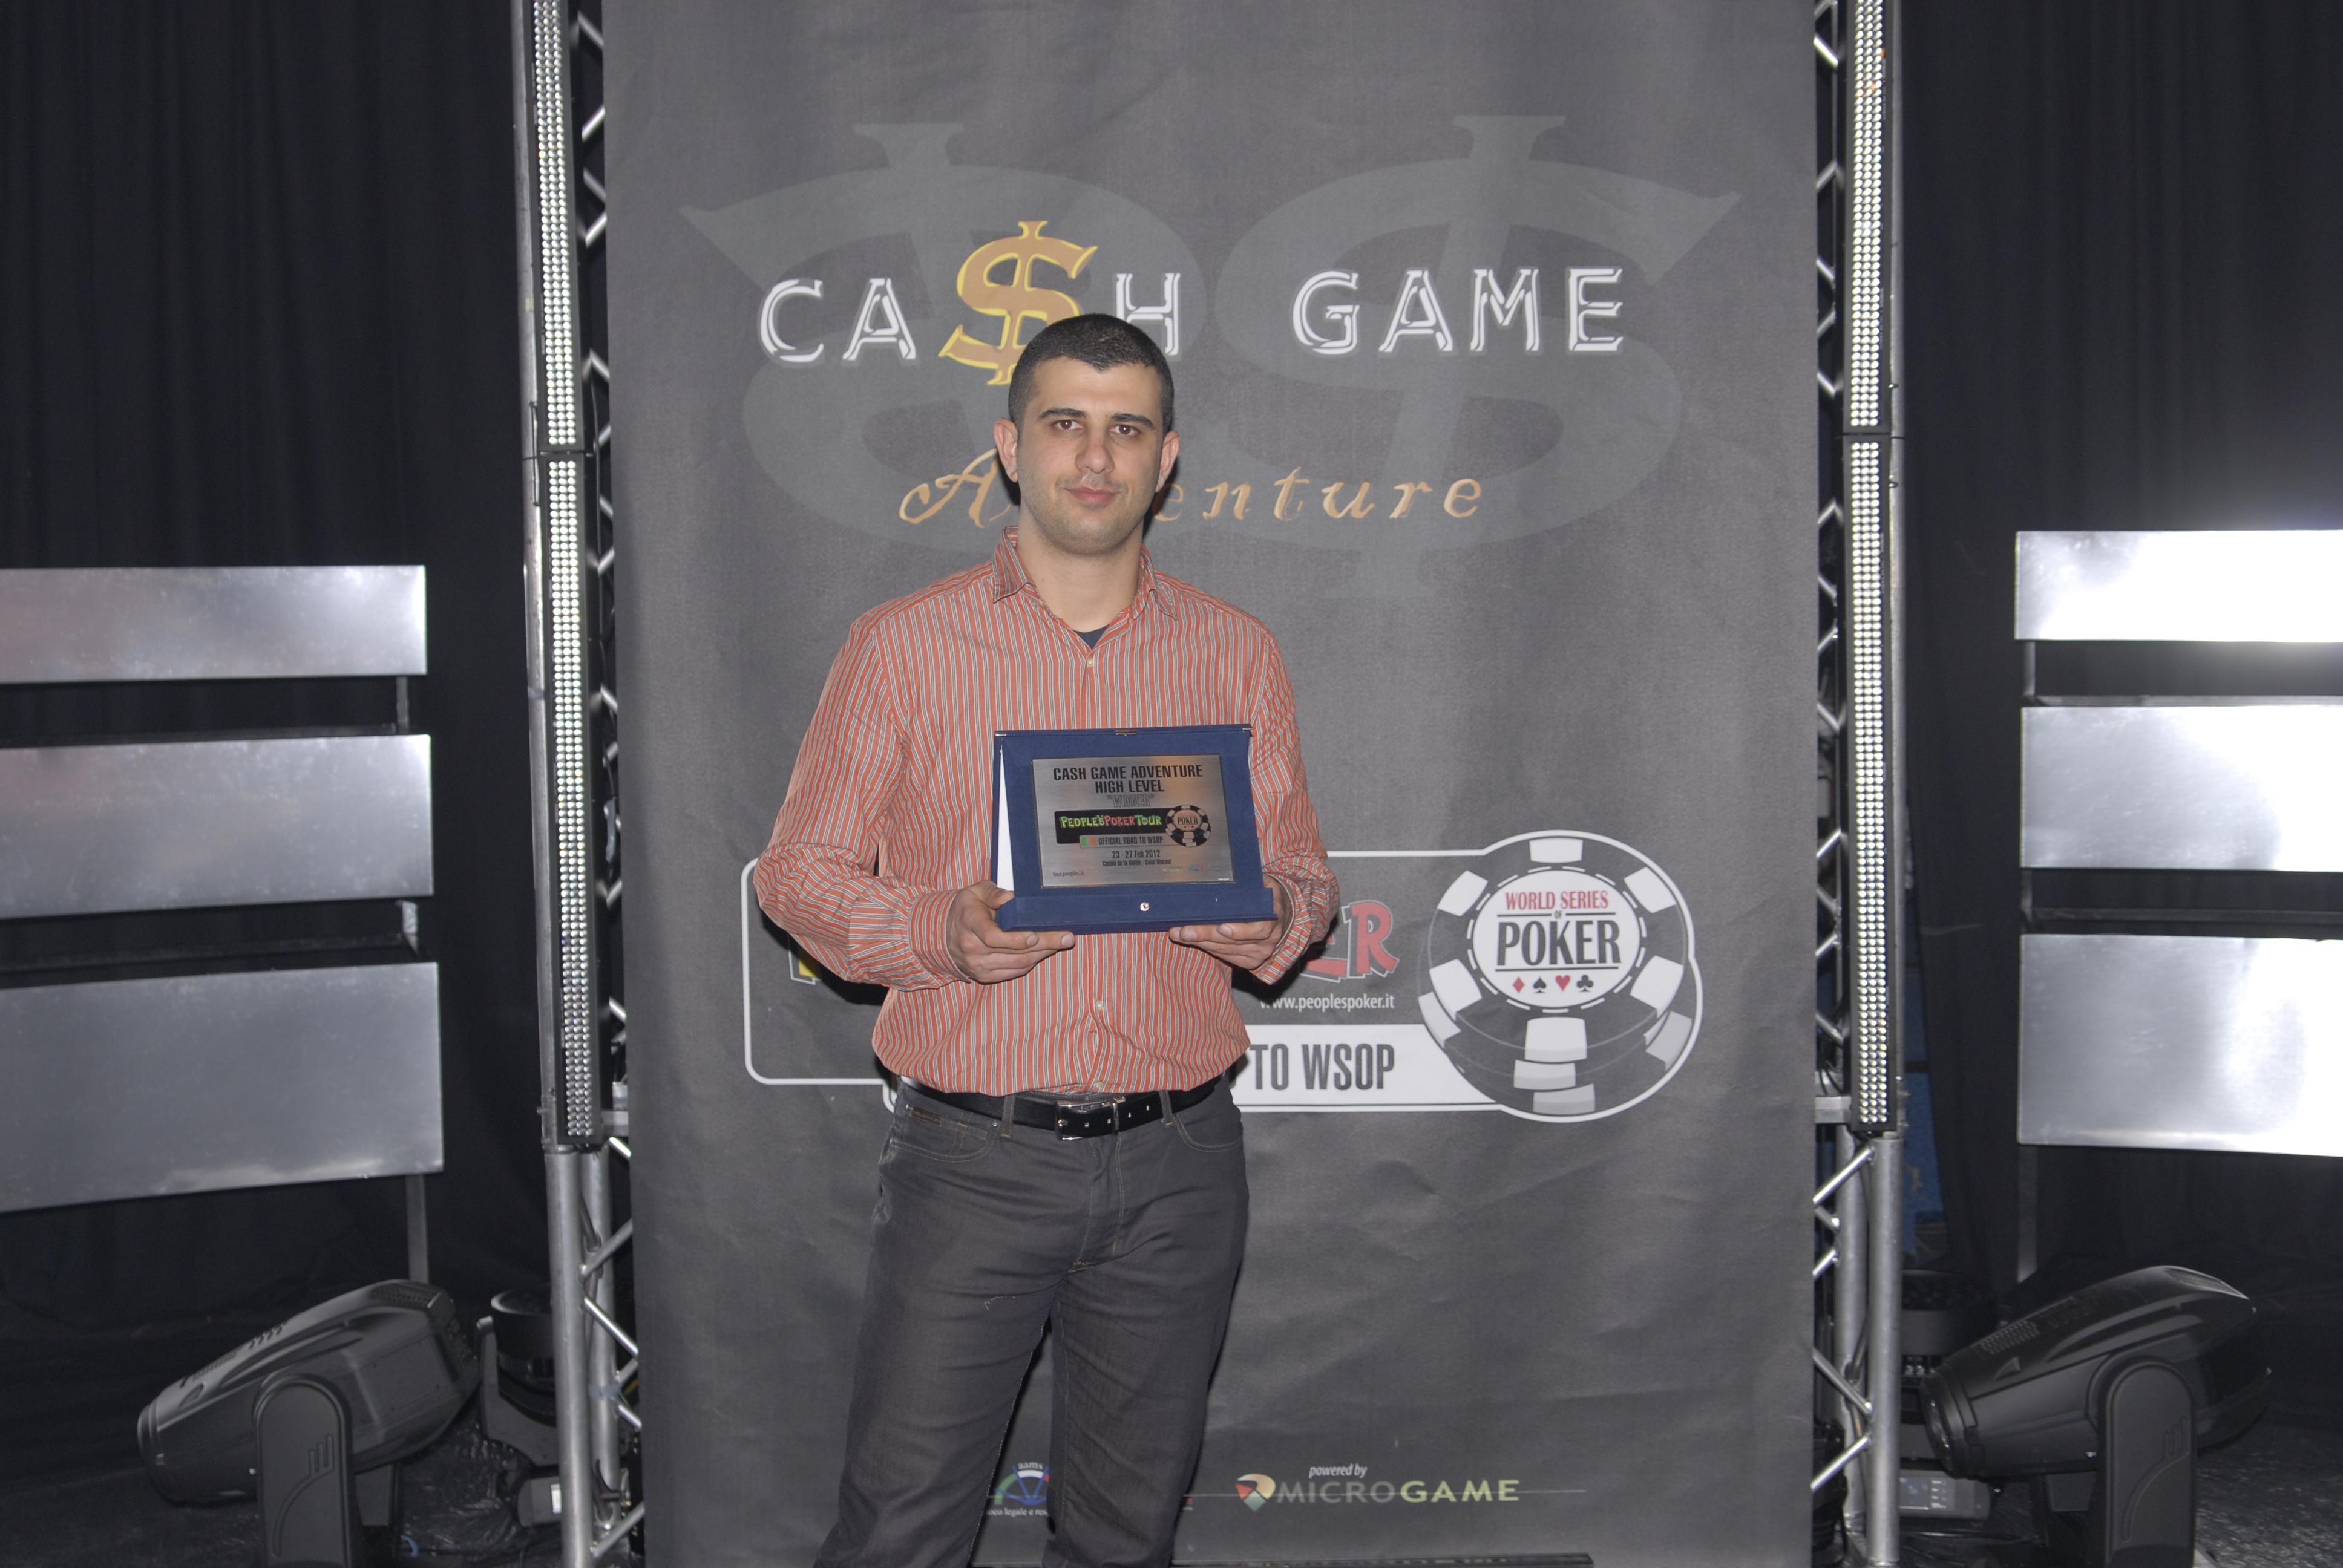 Con Leonardo Romeo vincitore del Cash Game Adventure si chiude un Day 1 B da record!